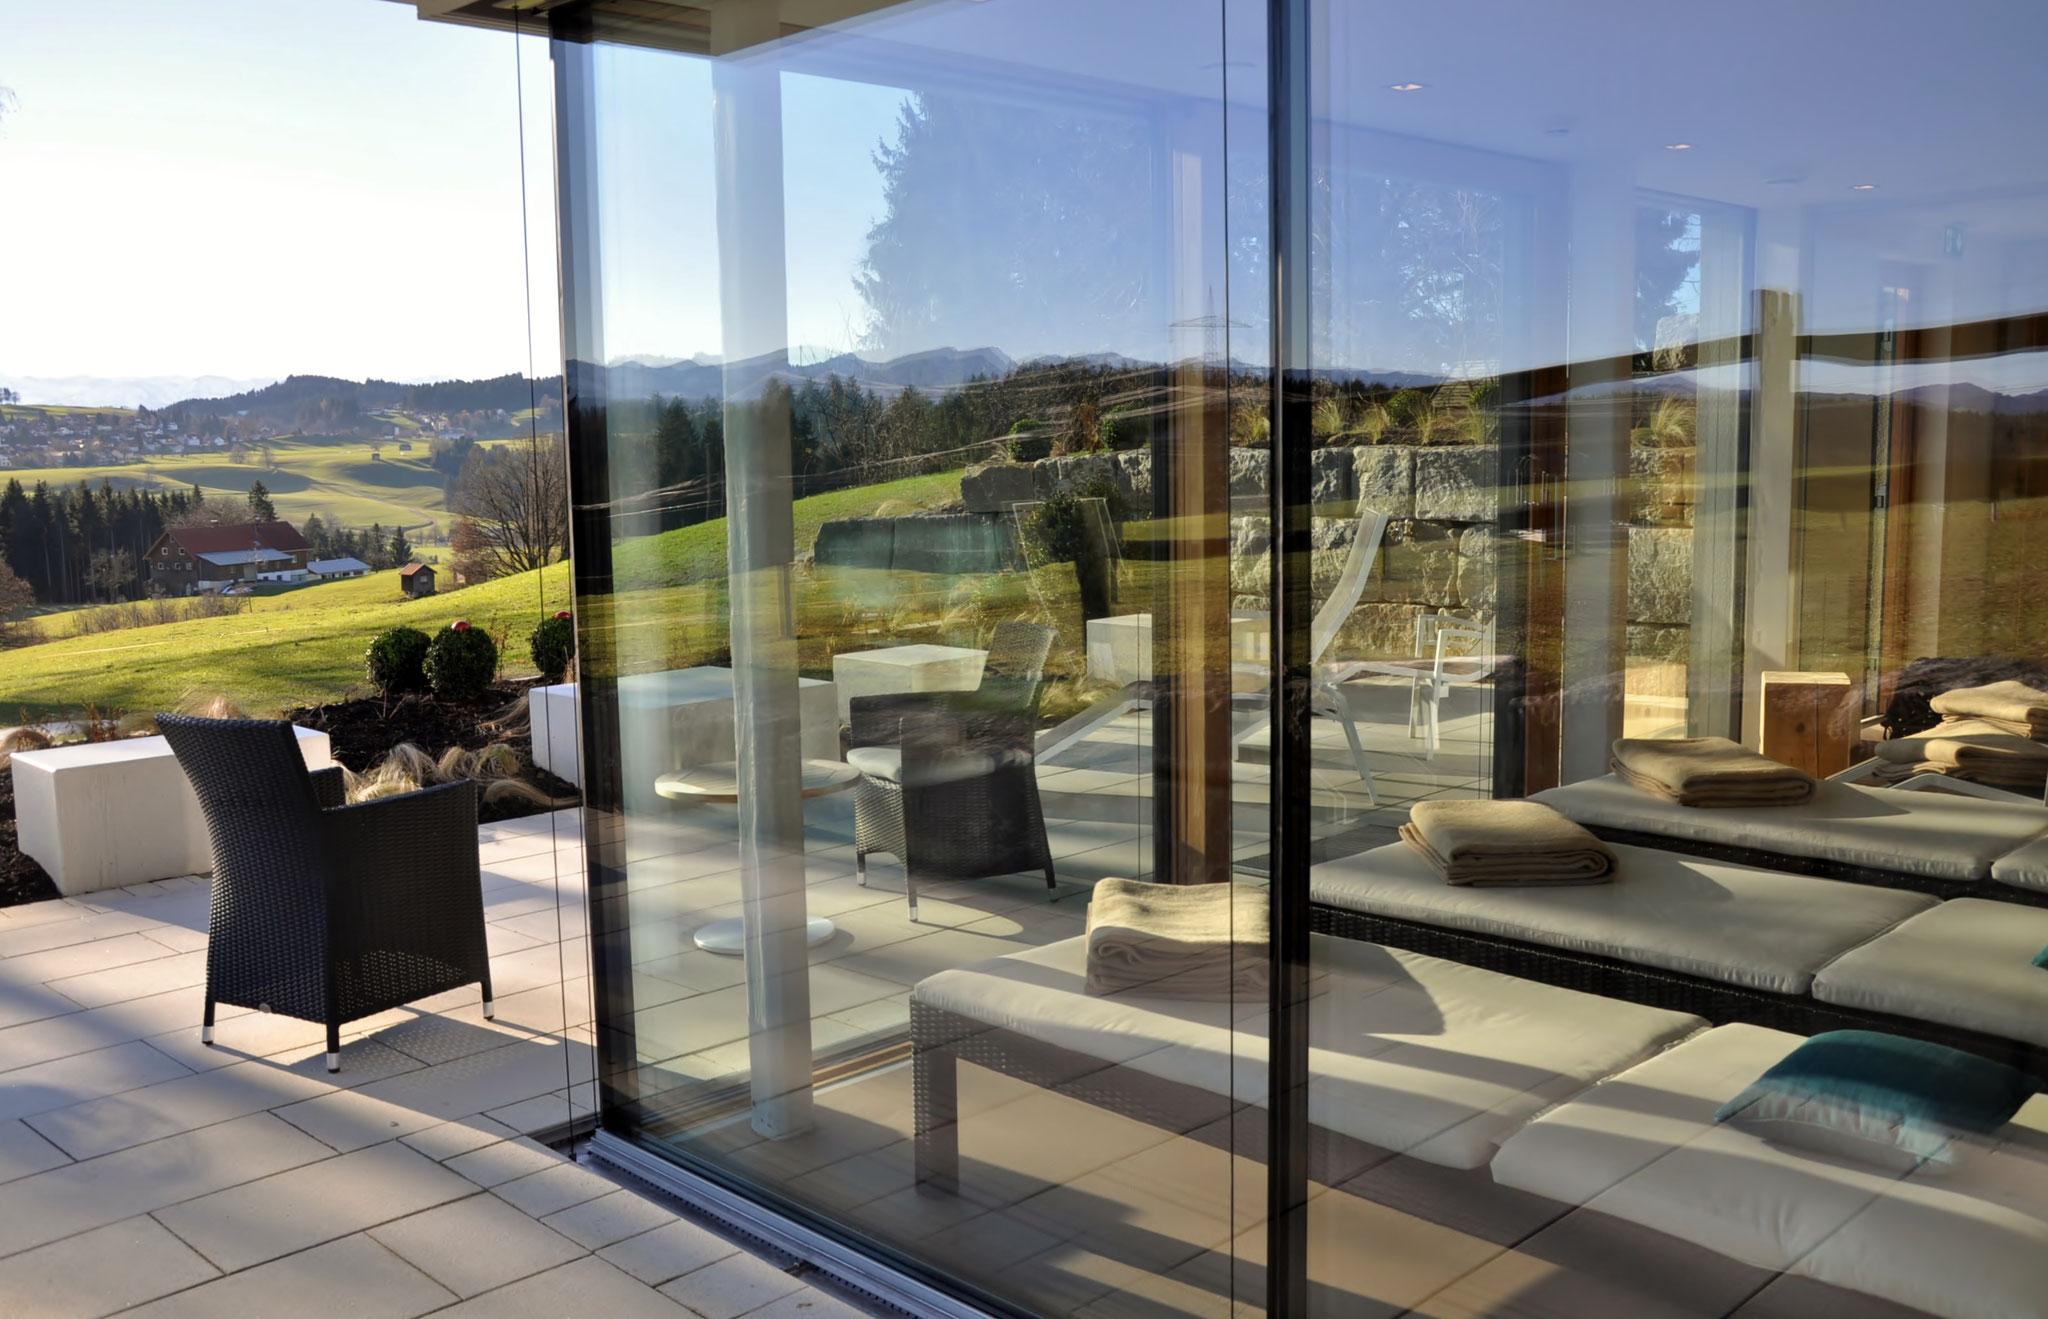 Fertigstellung, Veranstaltungssaal, Anbau an Beherbergungsbetrieb in Scheidegg